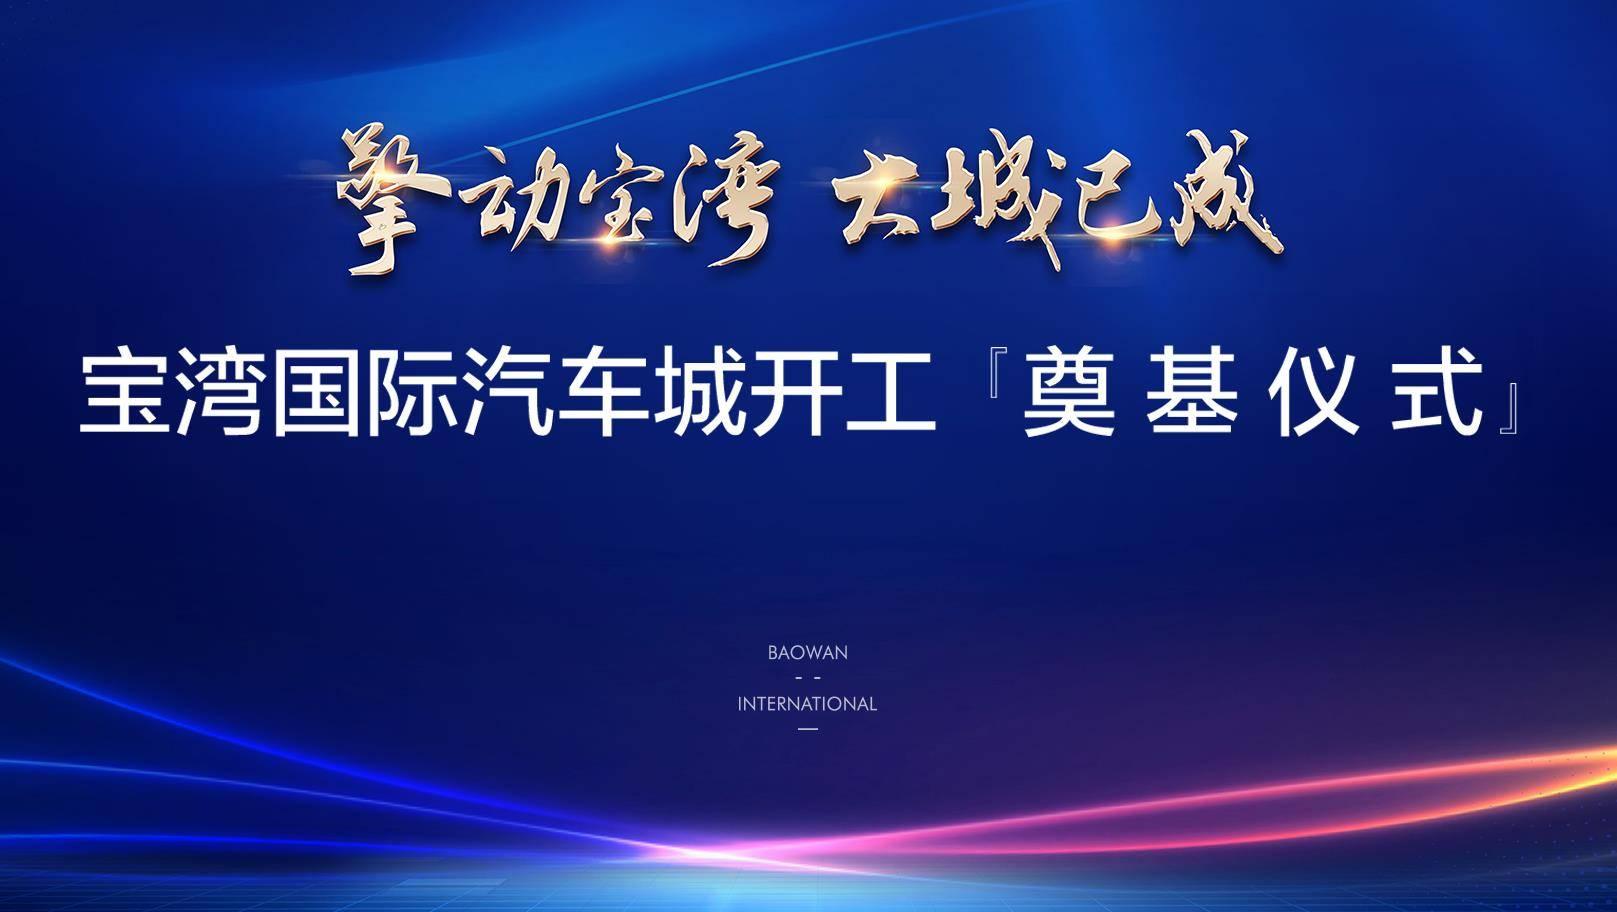 """ag体育娱乐:""""董卿万宝城已竣工""""万宝国际汽车城开工奠基仪式圆满结束"""